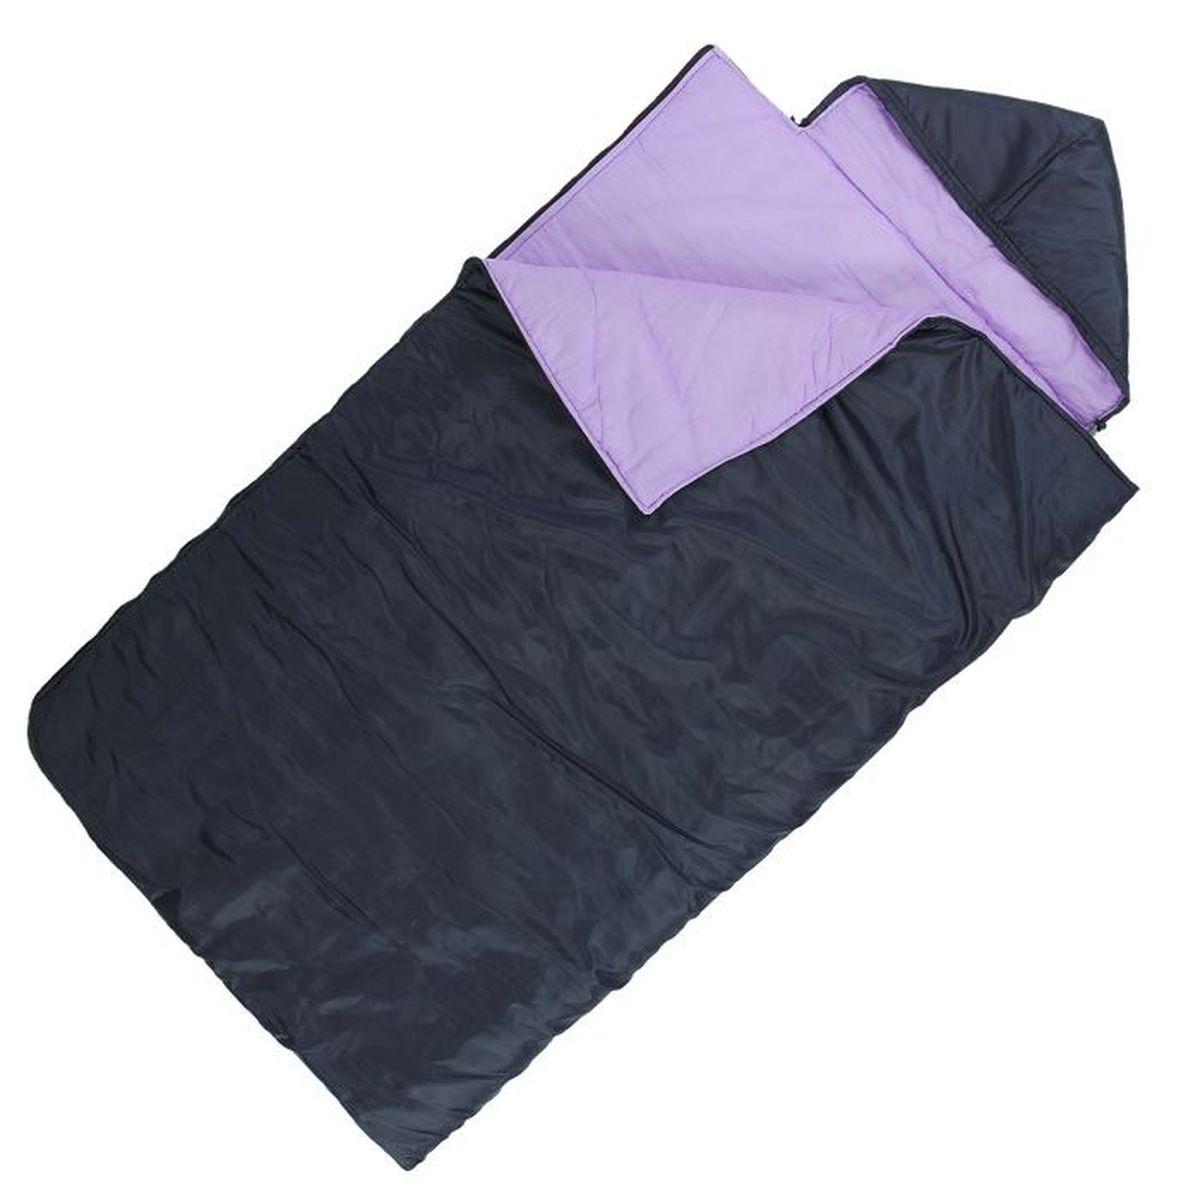 Спальный мешок Onlitop Престиж, увеличенный, цвет: черный, фиолетовый, правосторонняя молния. 10090811009081Комфортный, просторный и очень теплый 3-х сезонный спальник Onlitop Престиж предназначен для походов и для отдыха на природе не только в летнее время, но и в прохладные дни весенне-осеннего периода. В теплое время спальный мешок можно использовать как одеяло (в том числе и дома).Он выполнен из качественных материалов - синтепона, хлопка, ситца и полиэстера, которые обладают достойными теплоизоляционными характеристиками, и чрезвычайно прочны, что делает спальный мешок очень долговечным. Длина мешка - 2,25 м, его ширина - 1 м, это позволяет разместиться в нём человеку практически любой комплекции. Этому спальнику всегда найдется применение среди любителей активного отдыха, а места в сложенном виде он занимает мало.